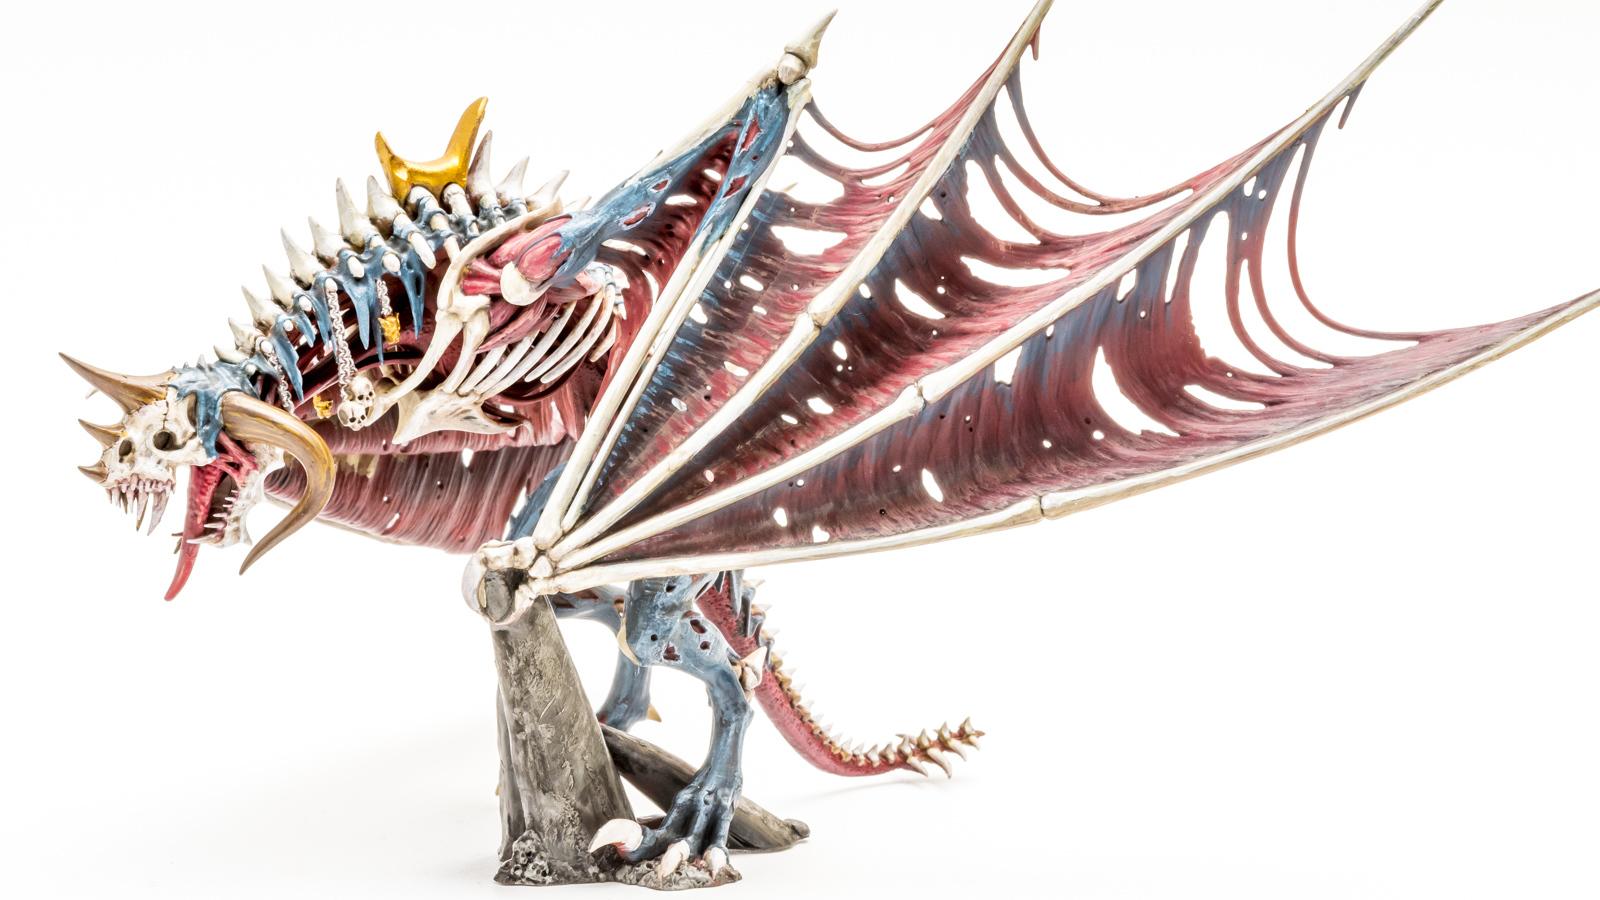 キミは腐ったドラゴンのプラモデルを組んだことがあるか(後編)_b0029315_13424199.jpg